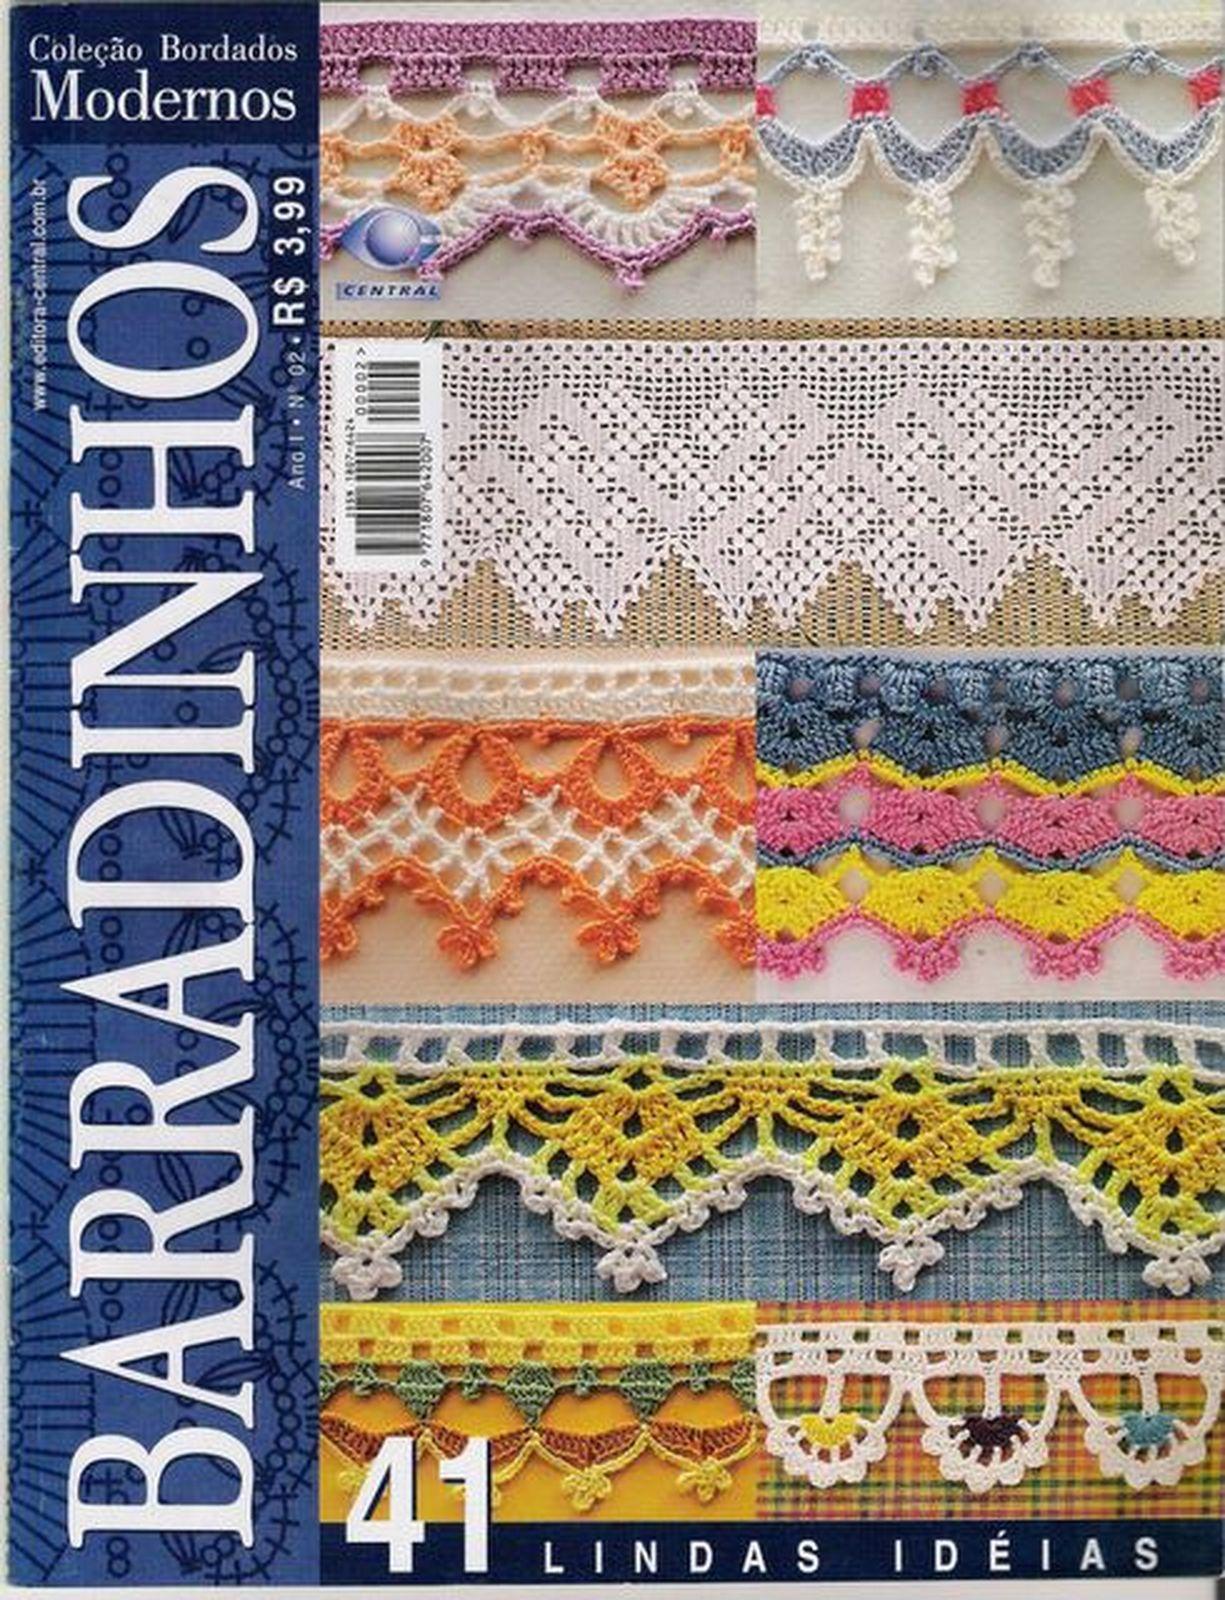 Коллекция журналов по вязанию Bordados Modernos Barradinhos 02